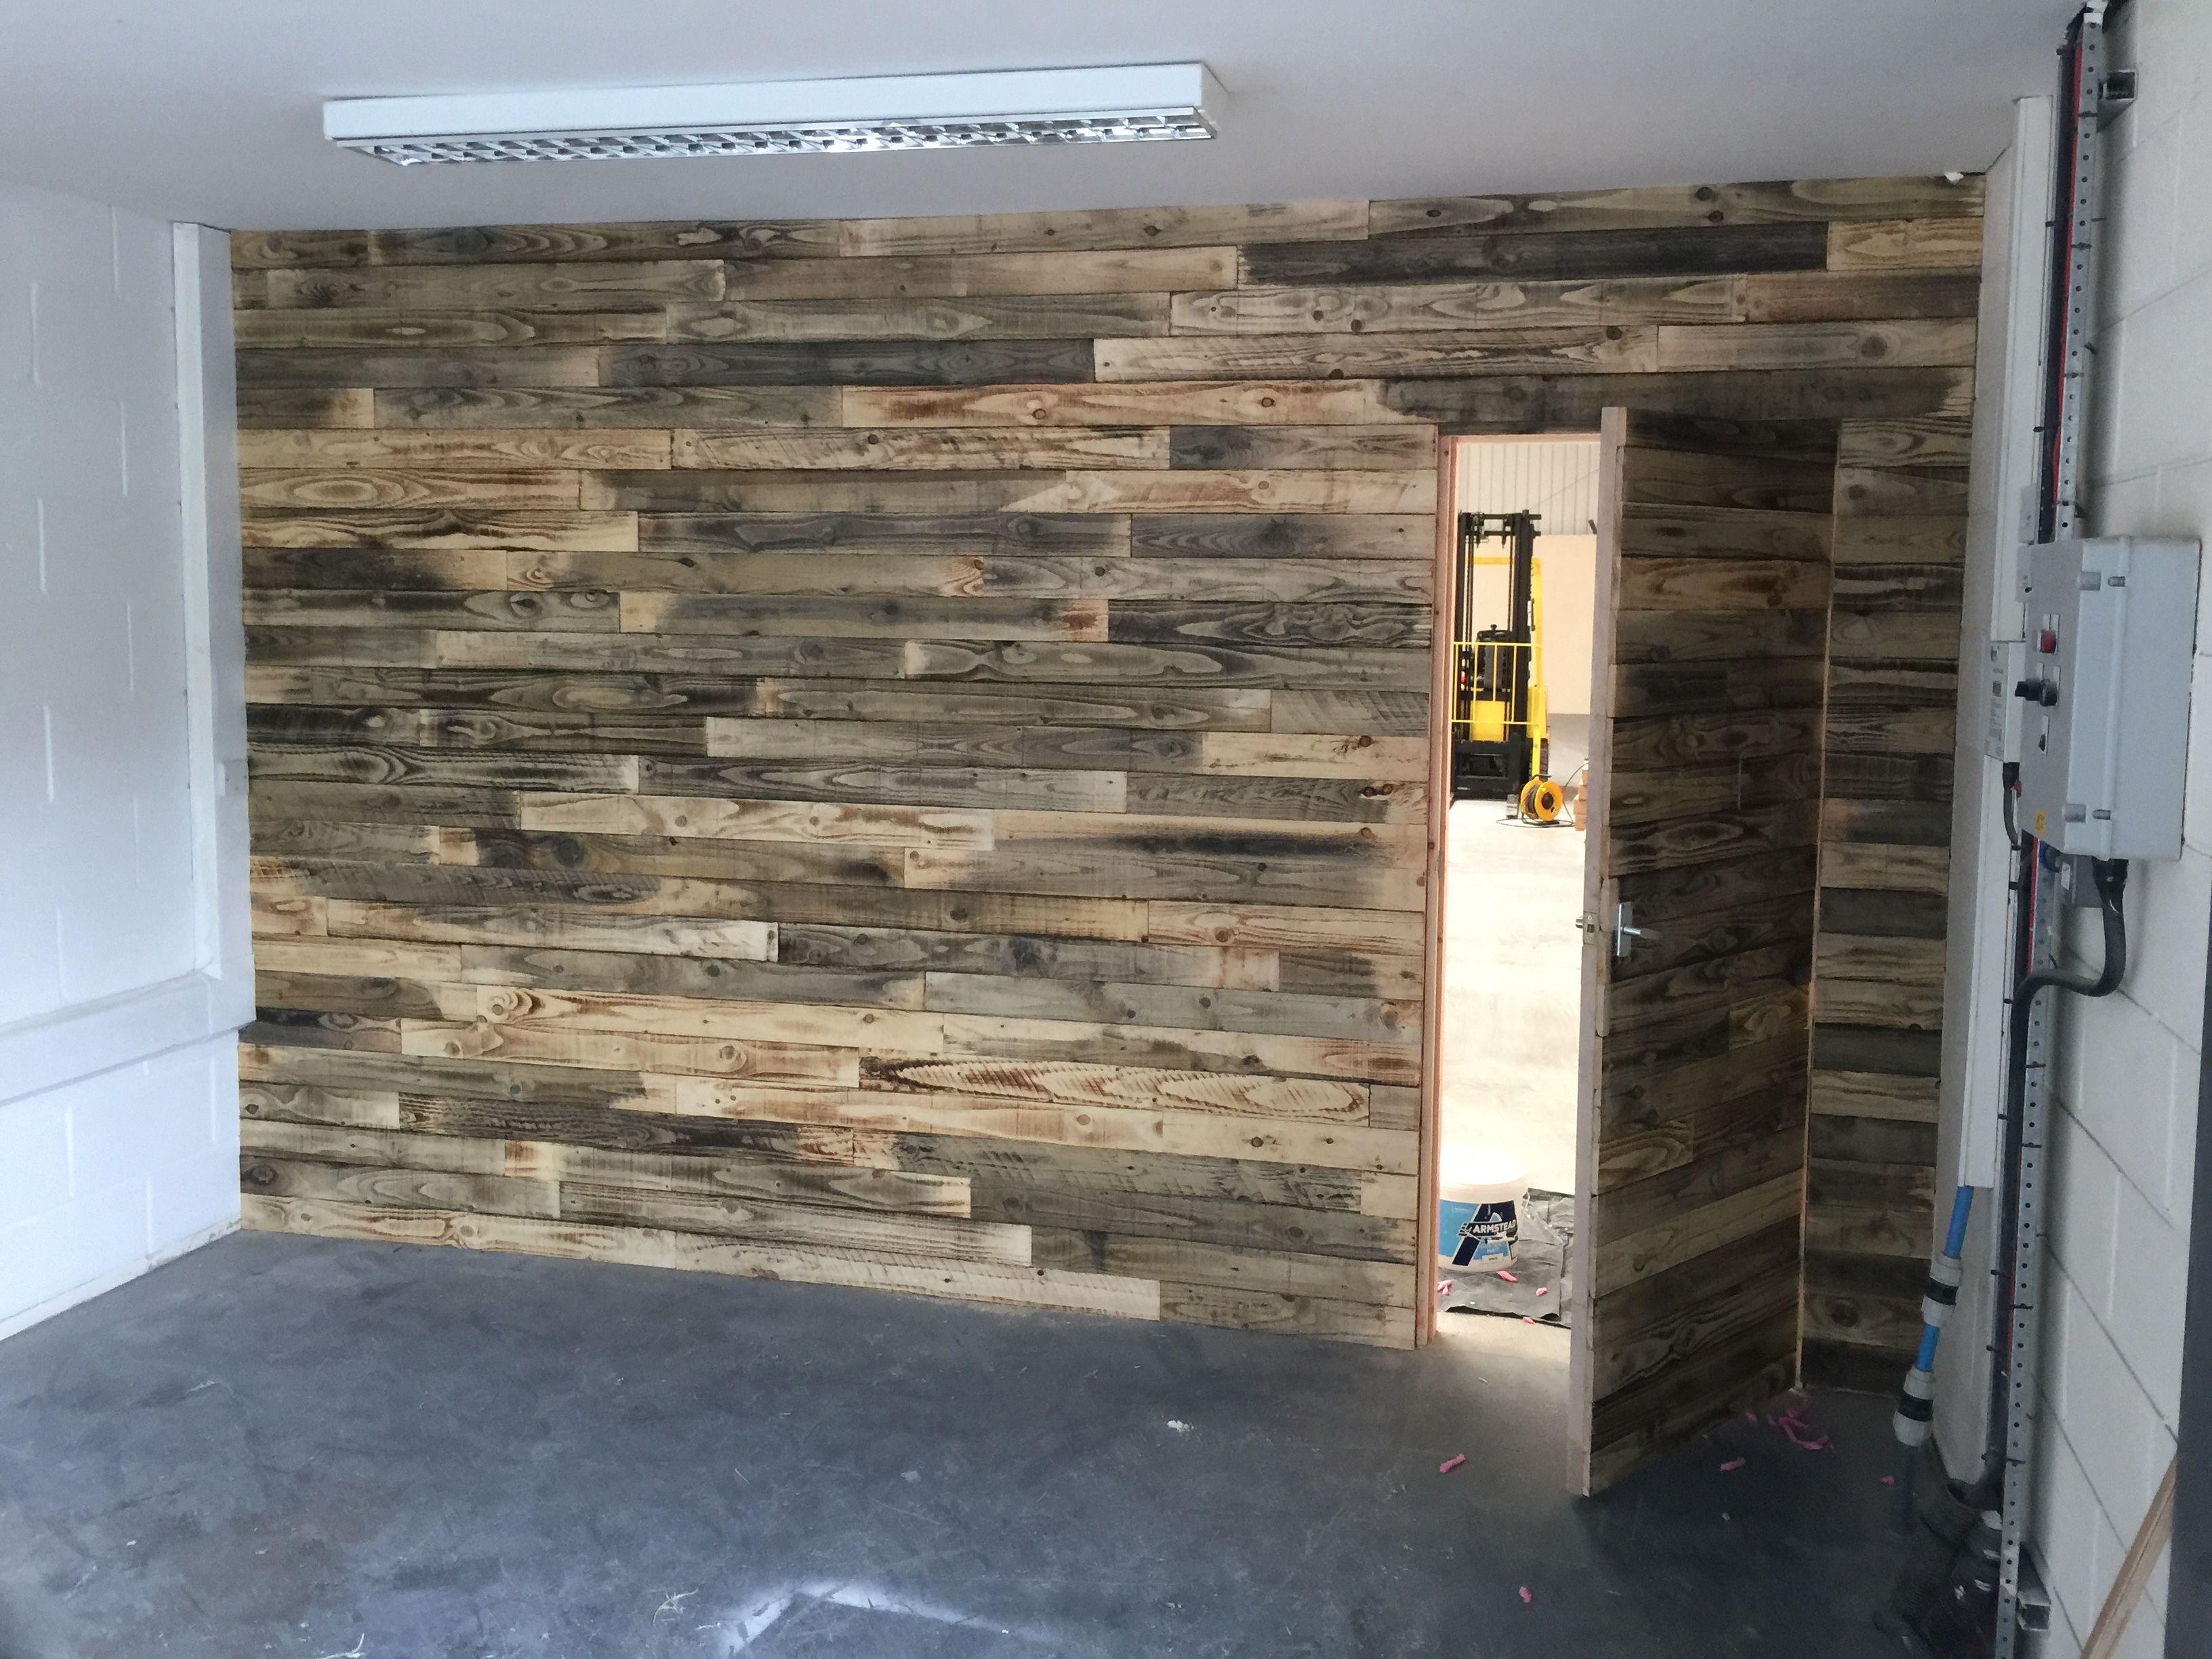 Rusty Woods Reclaimed Timber Pallet Feature Wall With Hidden Door